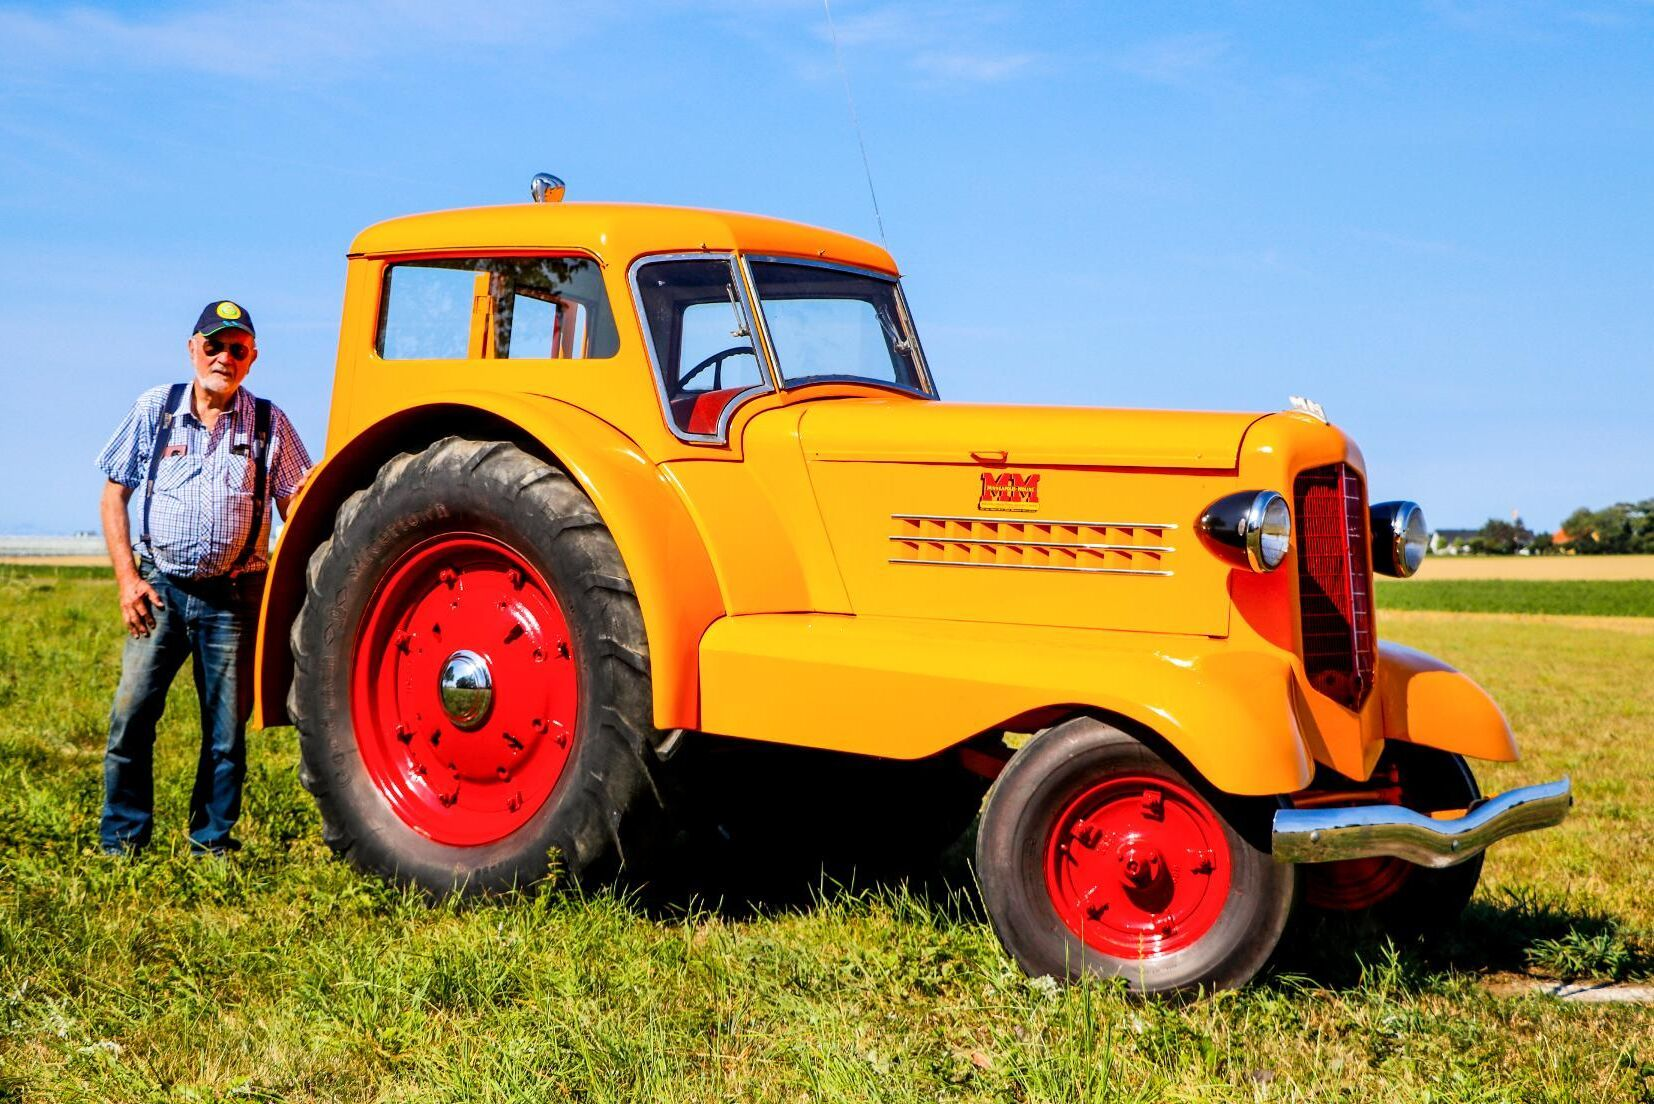 Cool. Mycket häftigare än så här kan det knappt bli för en traktorsamlare. Minneapolis-Moline UDLX är en av världens mest eftertraktade traktorer och Bo Arne köpte sin i november 2019.